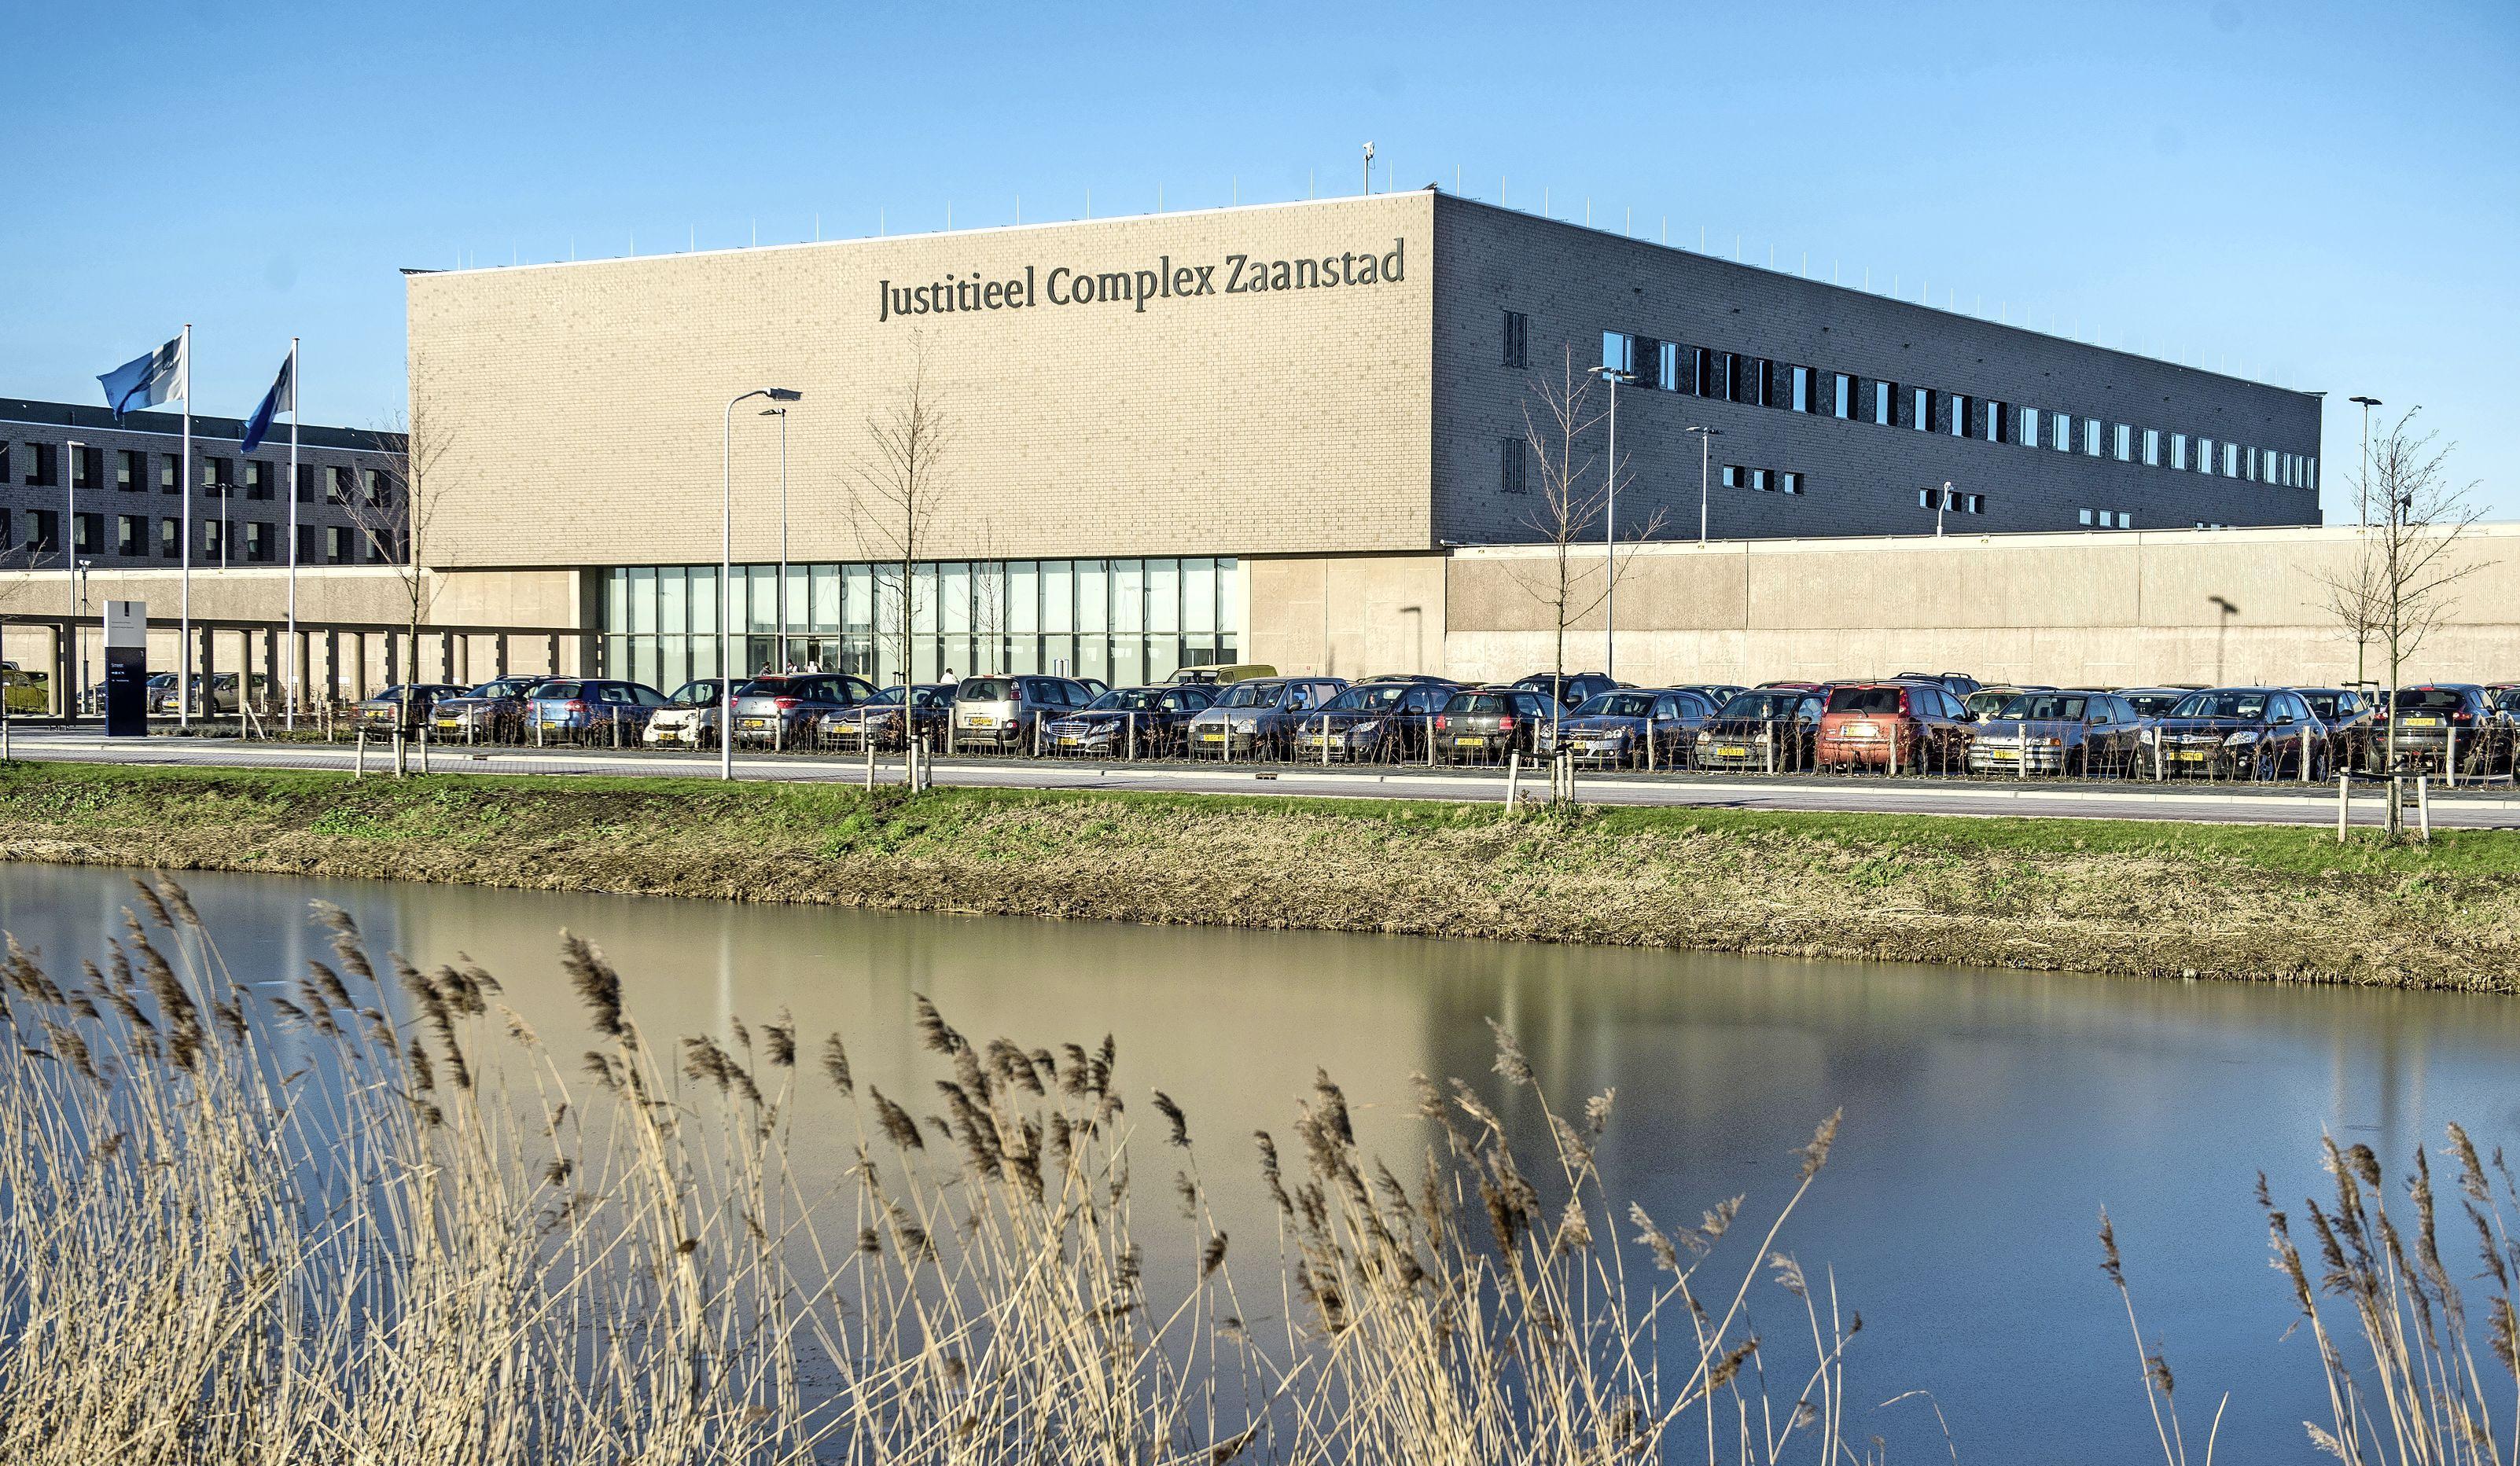 Van alle gevangenissen had JC Zaanstad het hoogste aantal besmettingen, gedetineerden voelen zich niet beschermd: 'Ik voel me buiten veiliger dan binnen'